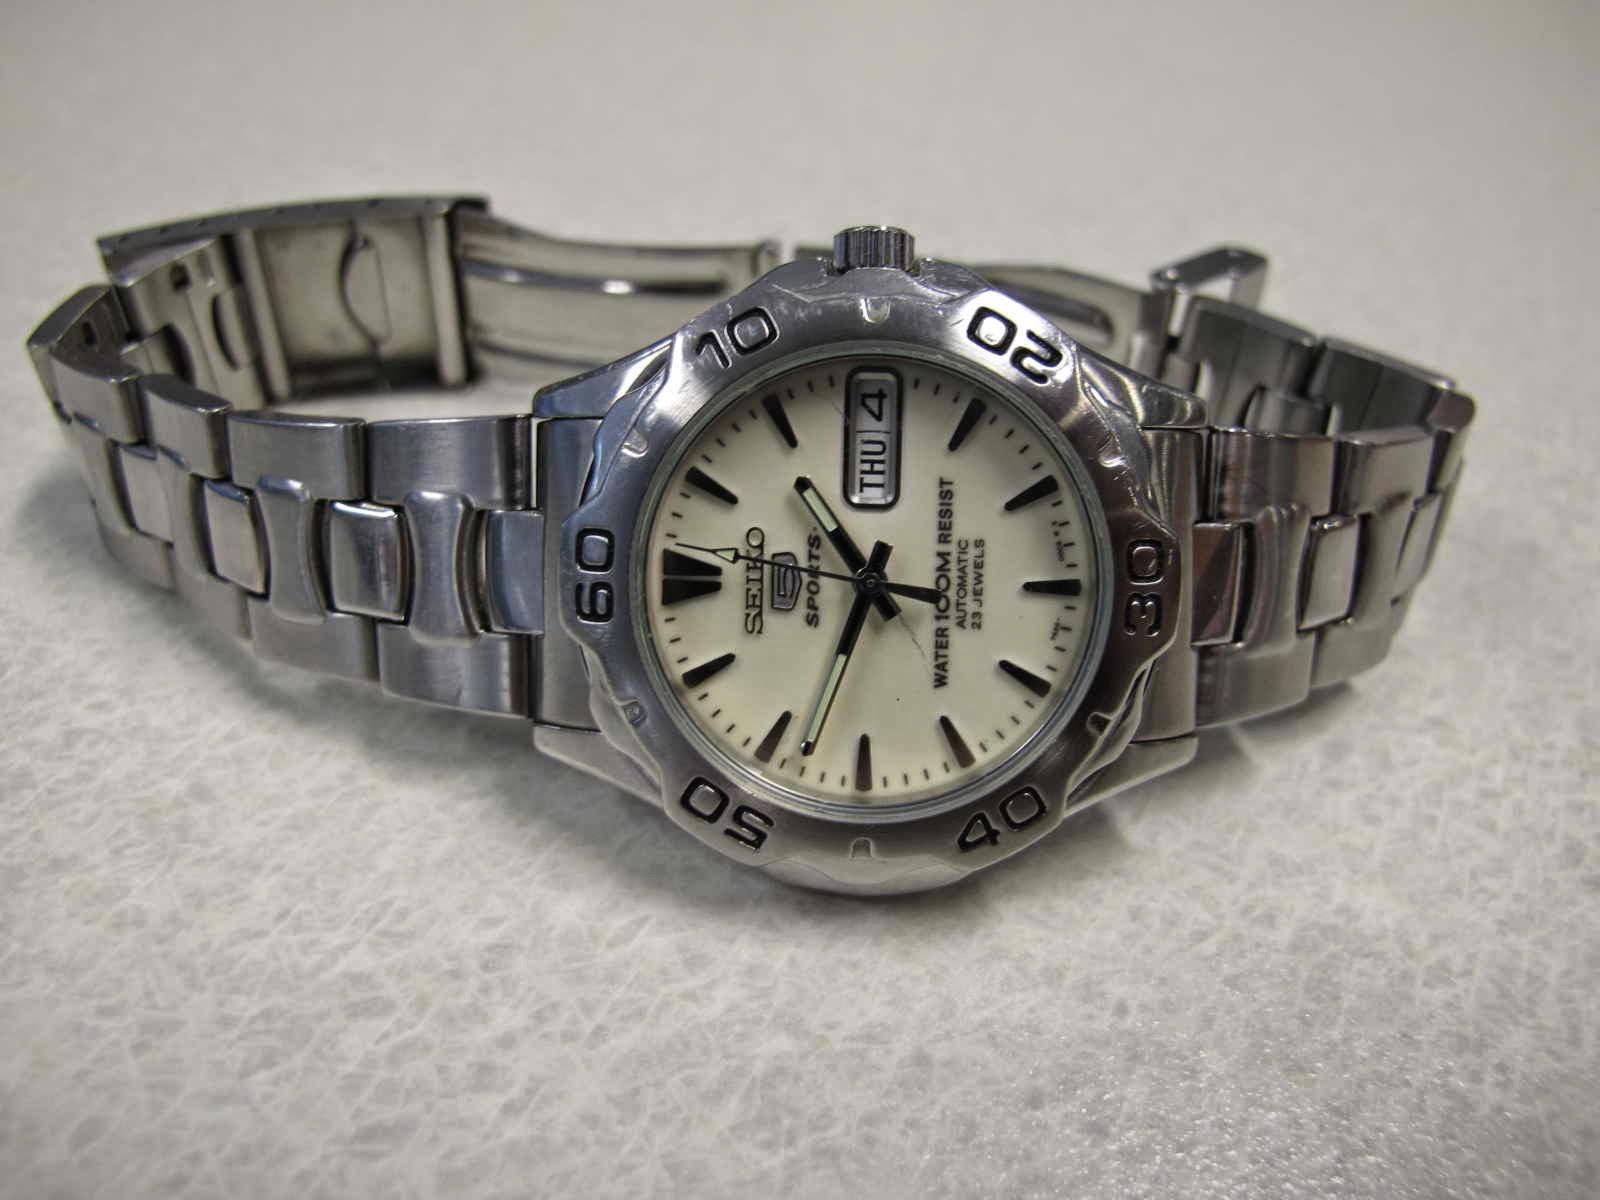 Cocok untuk Anda yang sedang mencari jam tangan dengan Dial Luminous terang keseluruhan dial di saat gelap harga terjangkau